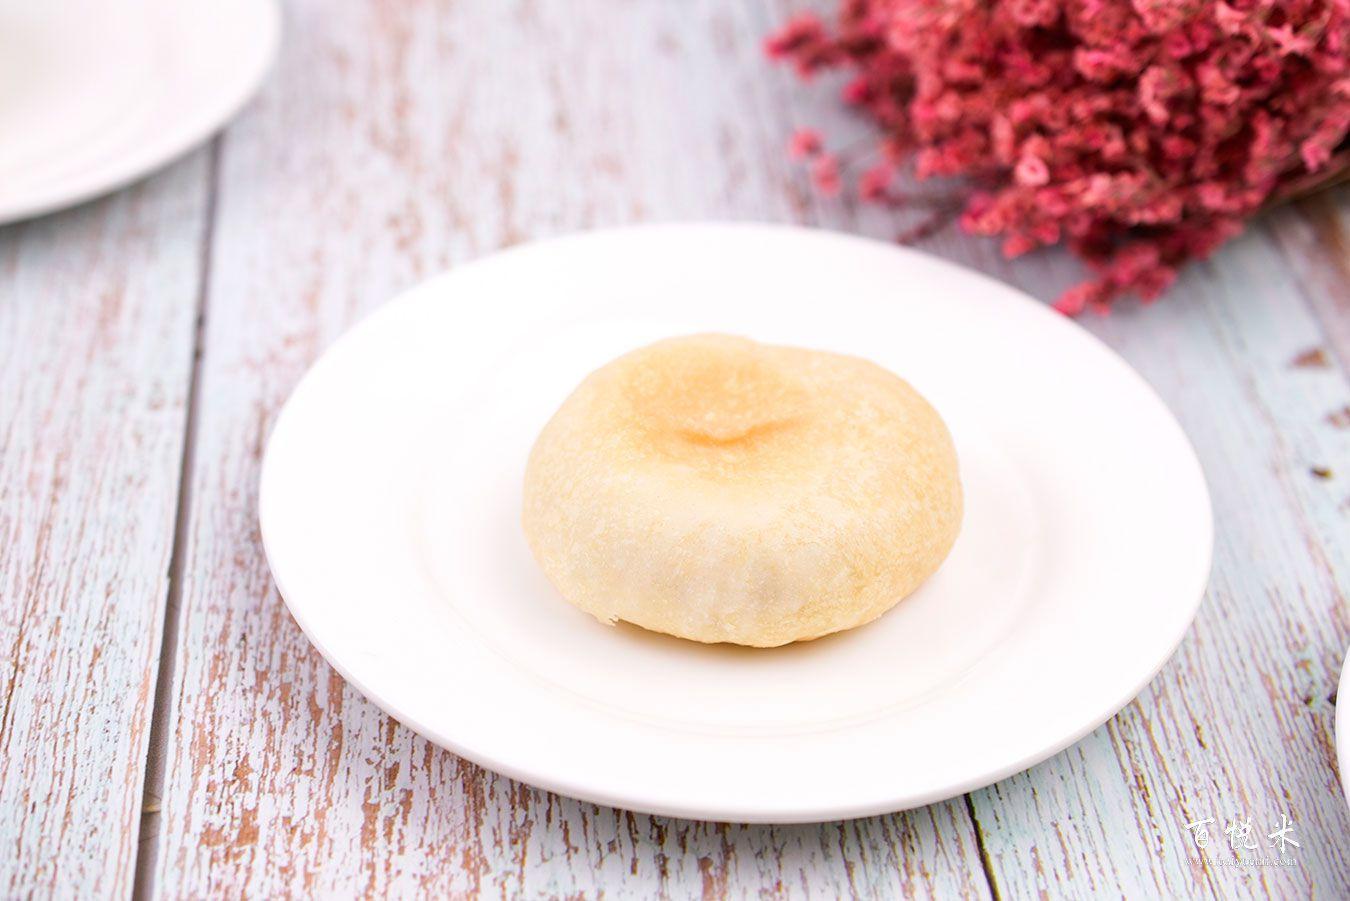 酥皮绿豆饼高清图片大全【蛋糕图片】_911